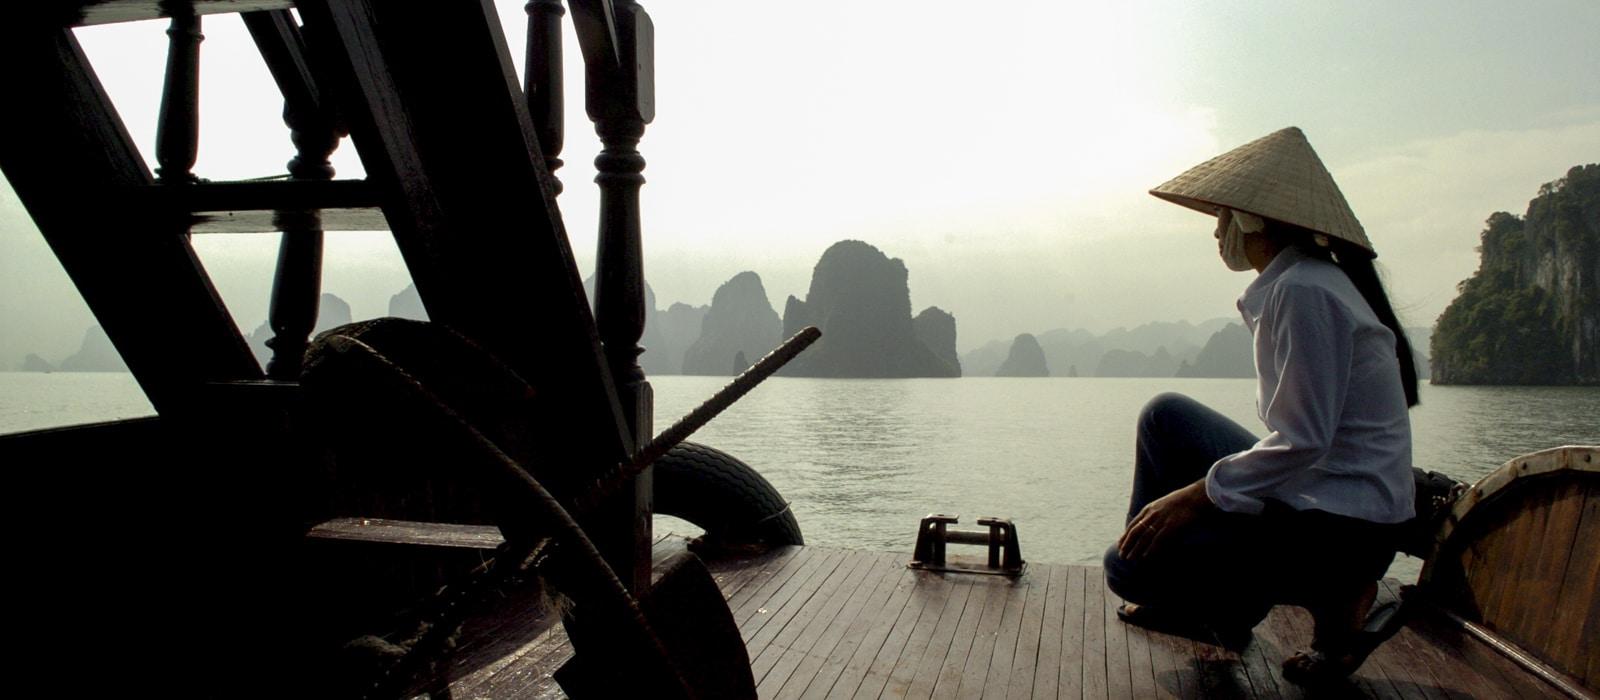 img-diapo-entete - Vietnam-1600x700-2.jpg